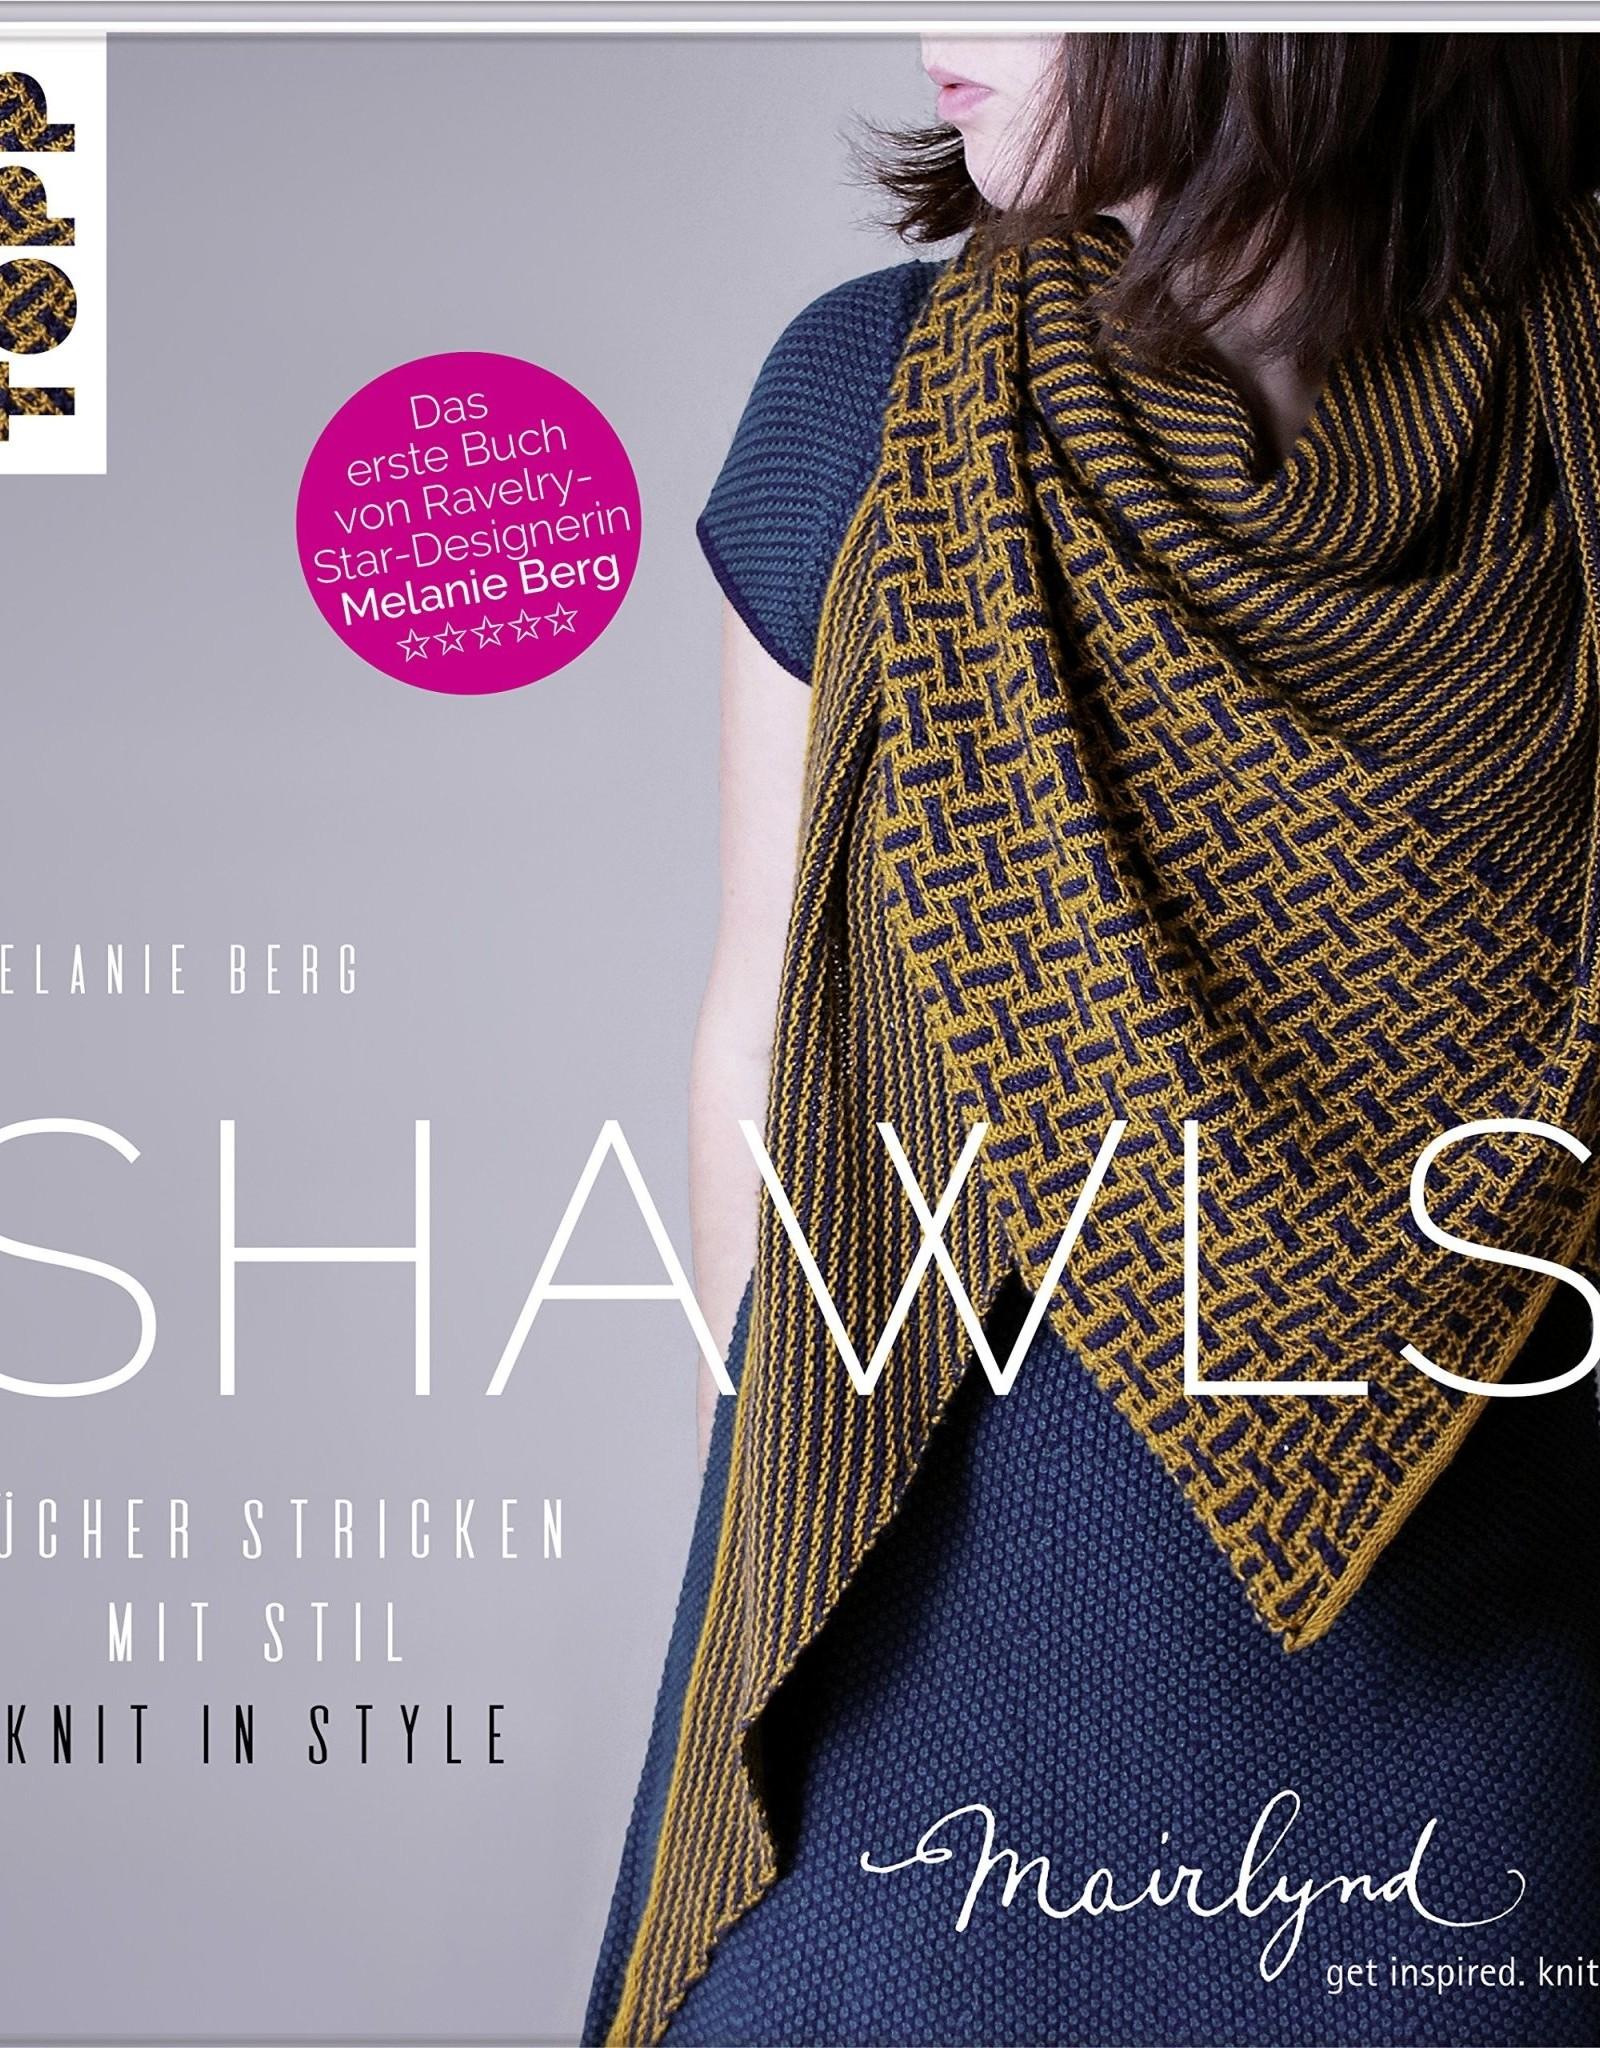 Book - Shawls by Melanie Berg